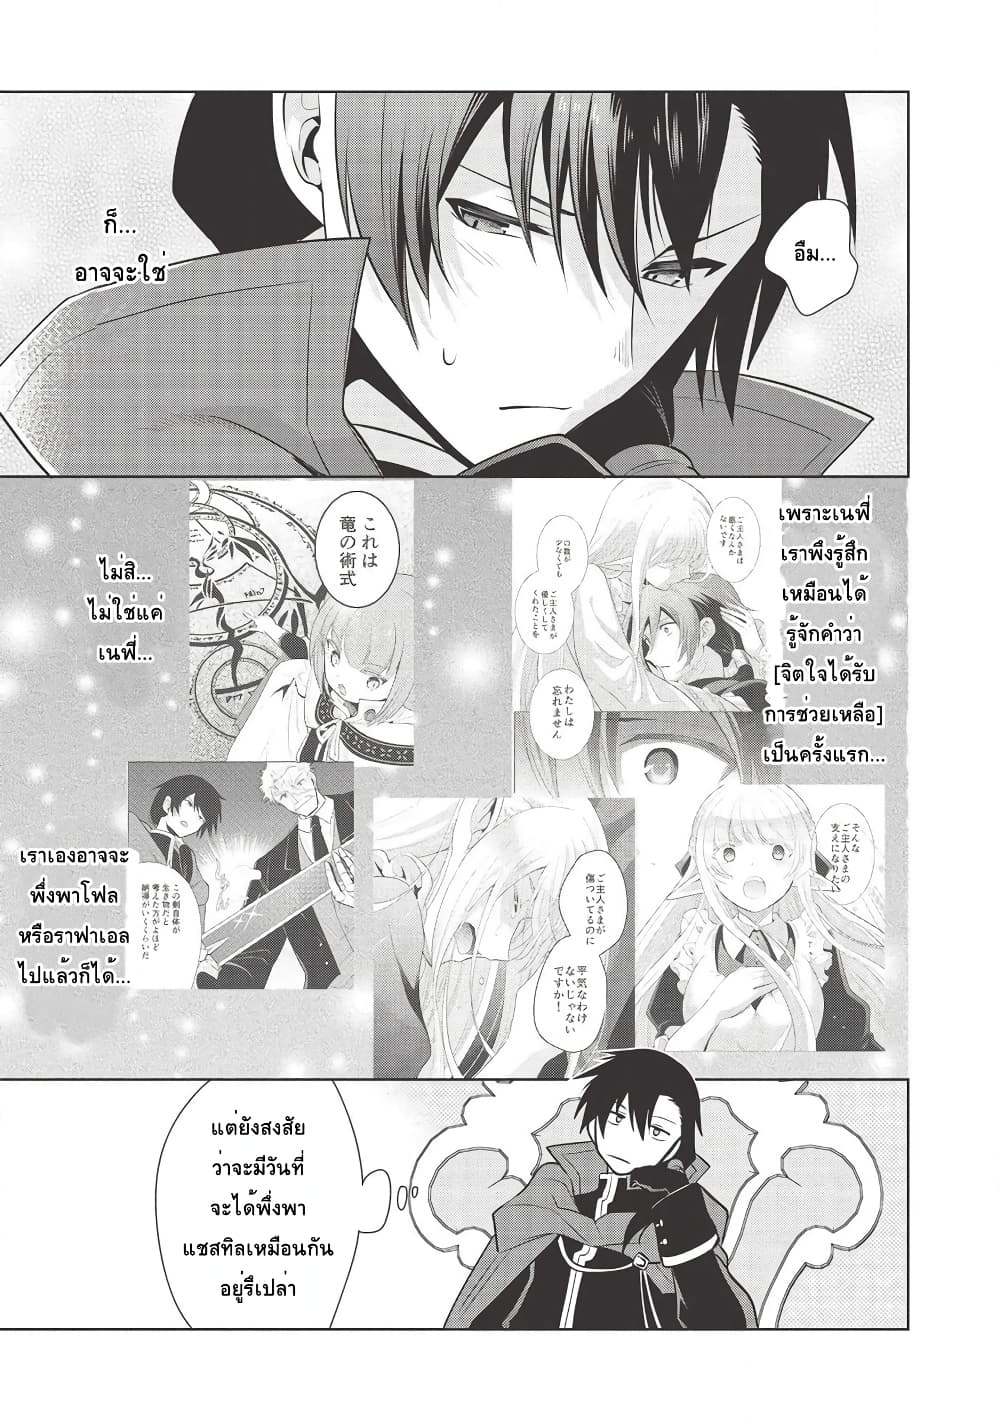 อ่านการ์ตูน Maou no Ore ga Dorei Elf wo Yome ni Shitanda ga Dou Medereba Ii ตอนที่ 28 หน้าที่ 11